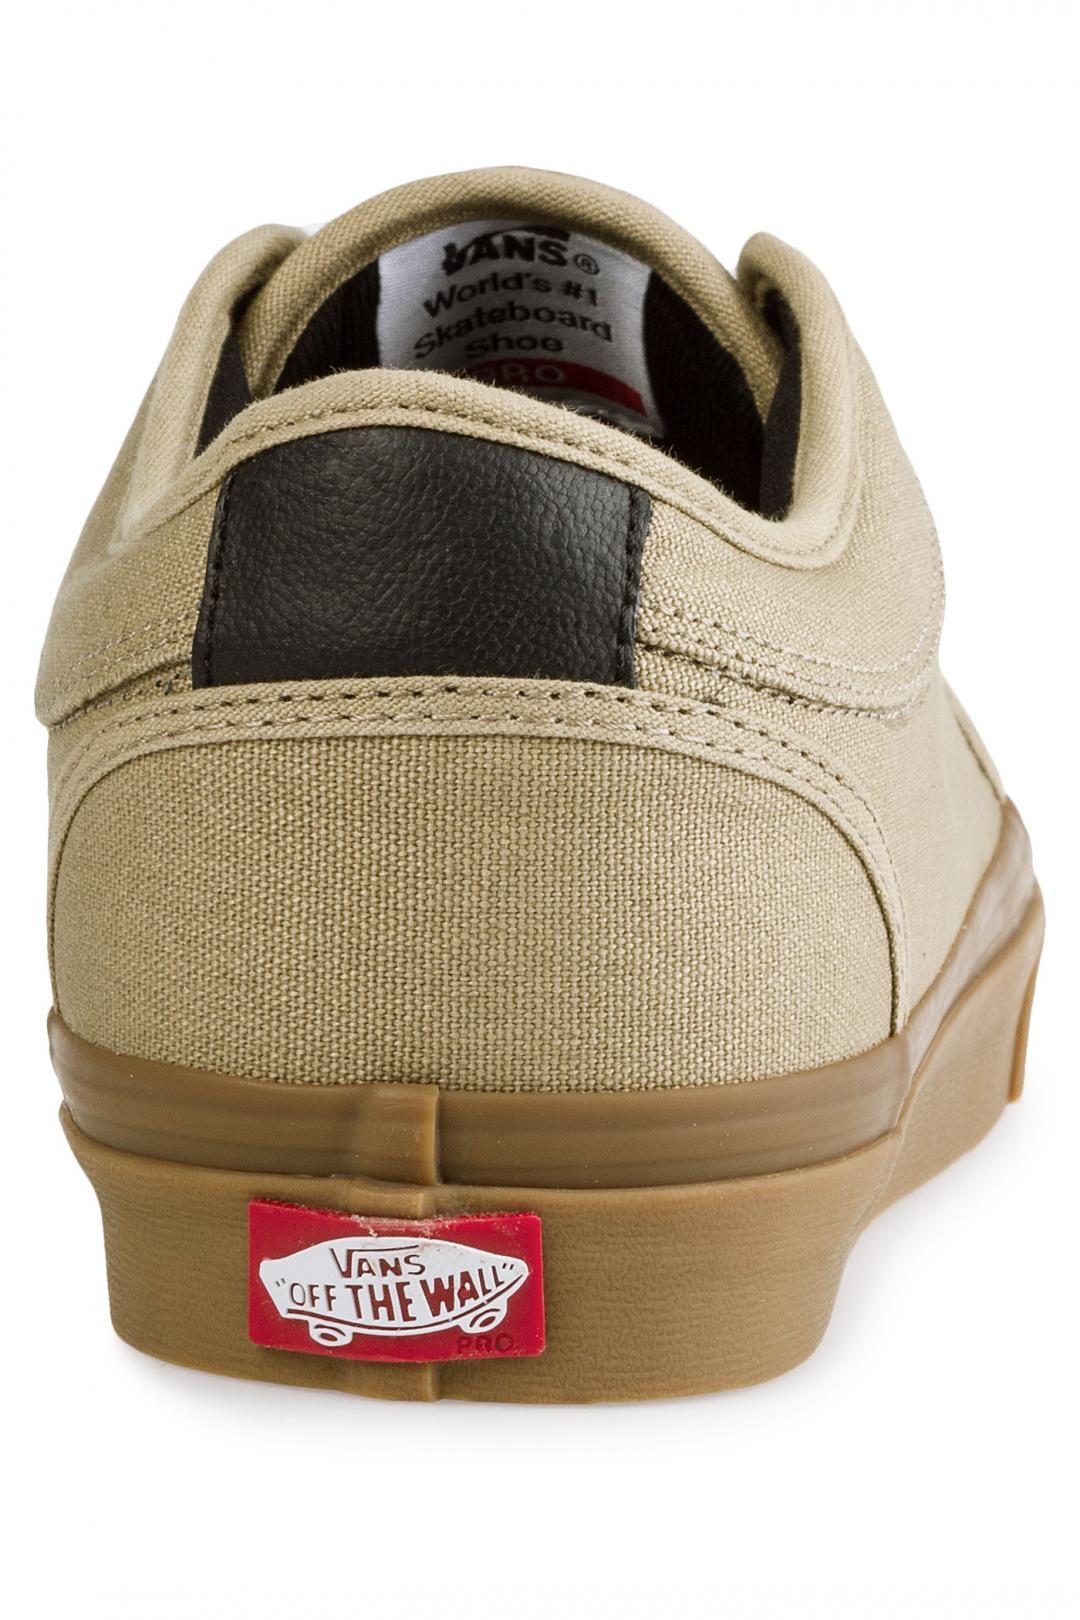 Uomo Vans Chukka Low camouflage cornstalk gum | Sneaker